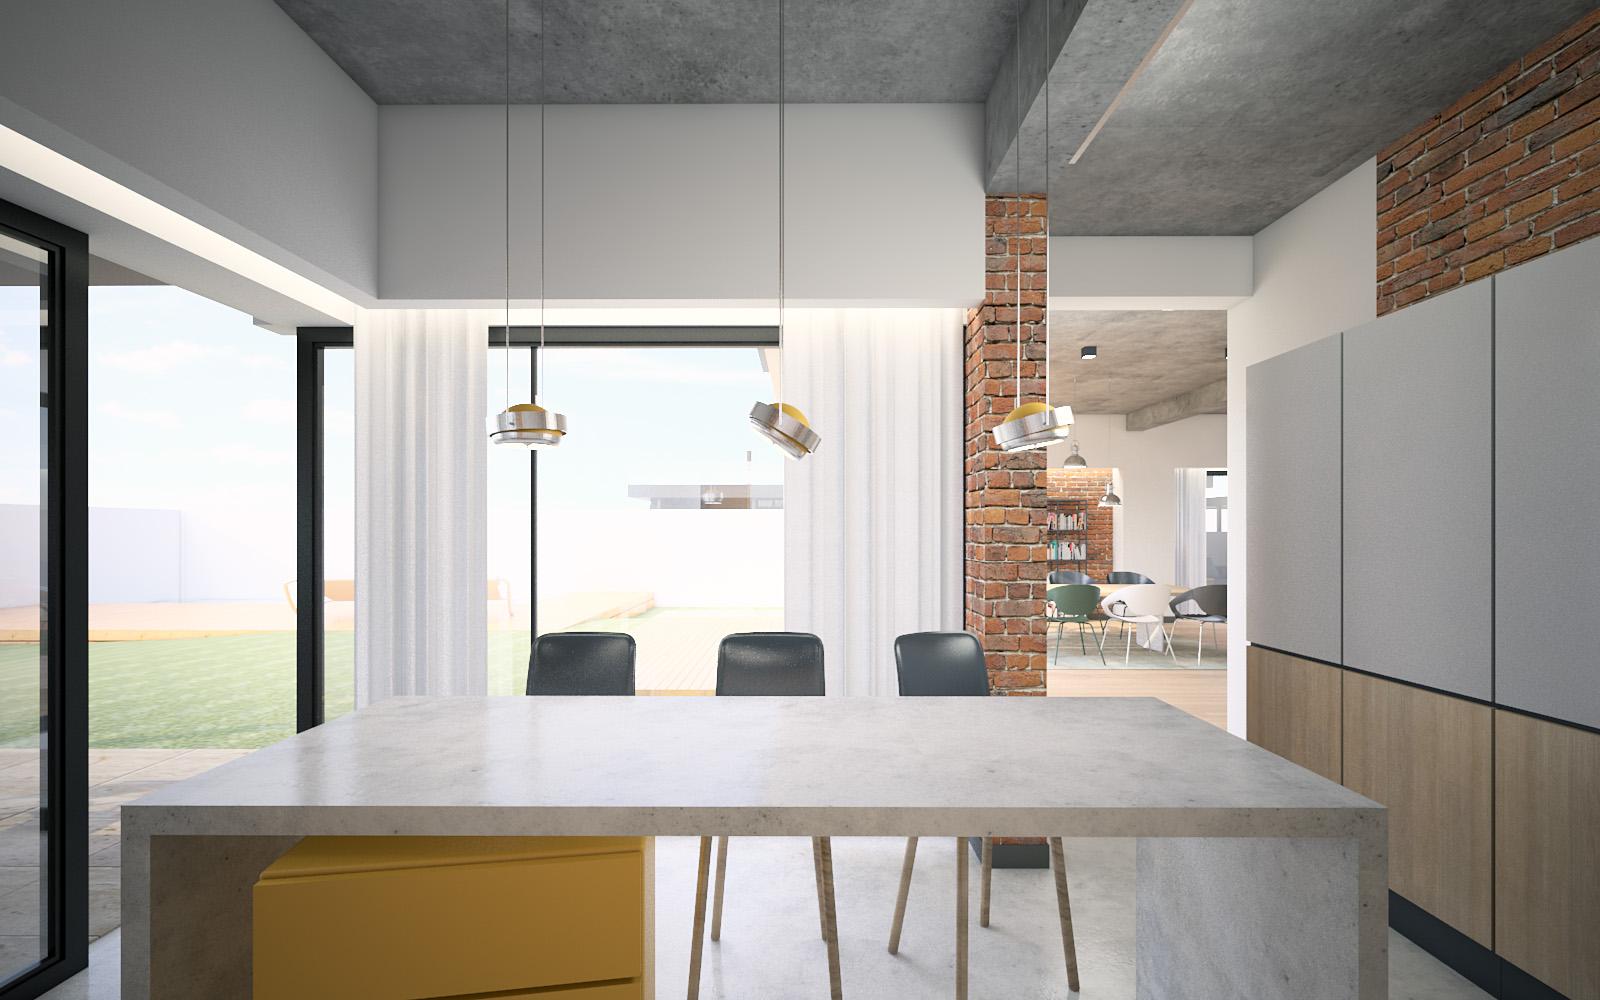 https://nbc-arhitect.ro/wp-content/uploads/2020/10/NBC-Arhitect-_-Arcstil-Residences-_-Romania-_-interior-design-view_9.jpg